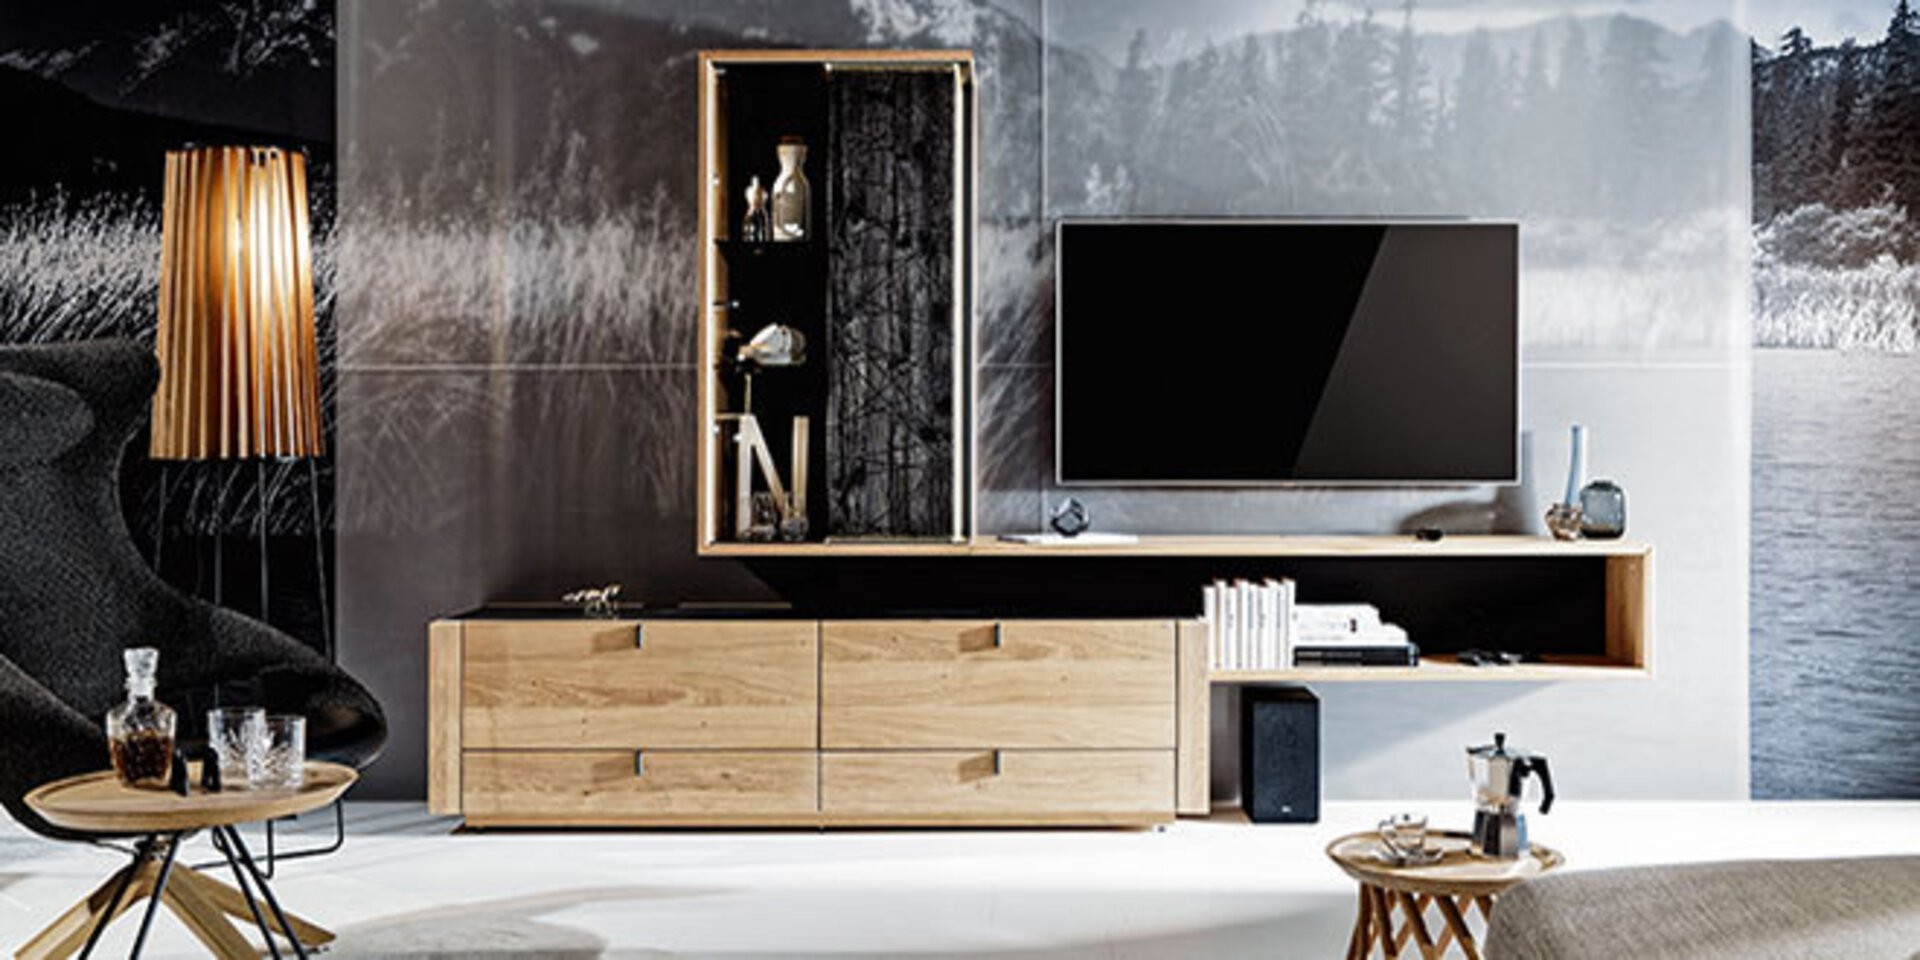 zweites Titelbild der Premiummarke Voglauer - Möbel voller Leben. Abgebildet ist  eine geradlinige Wohnwand aus Holz an einer schwarz-weißen Fototapete.